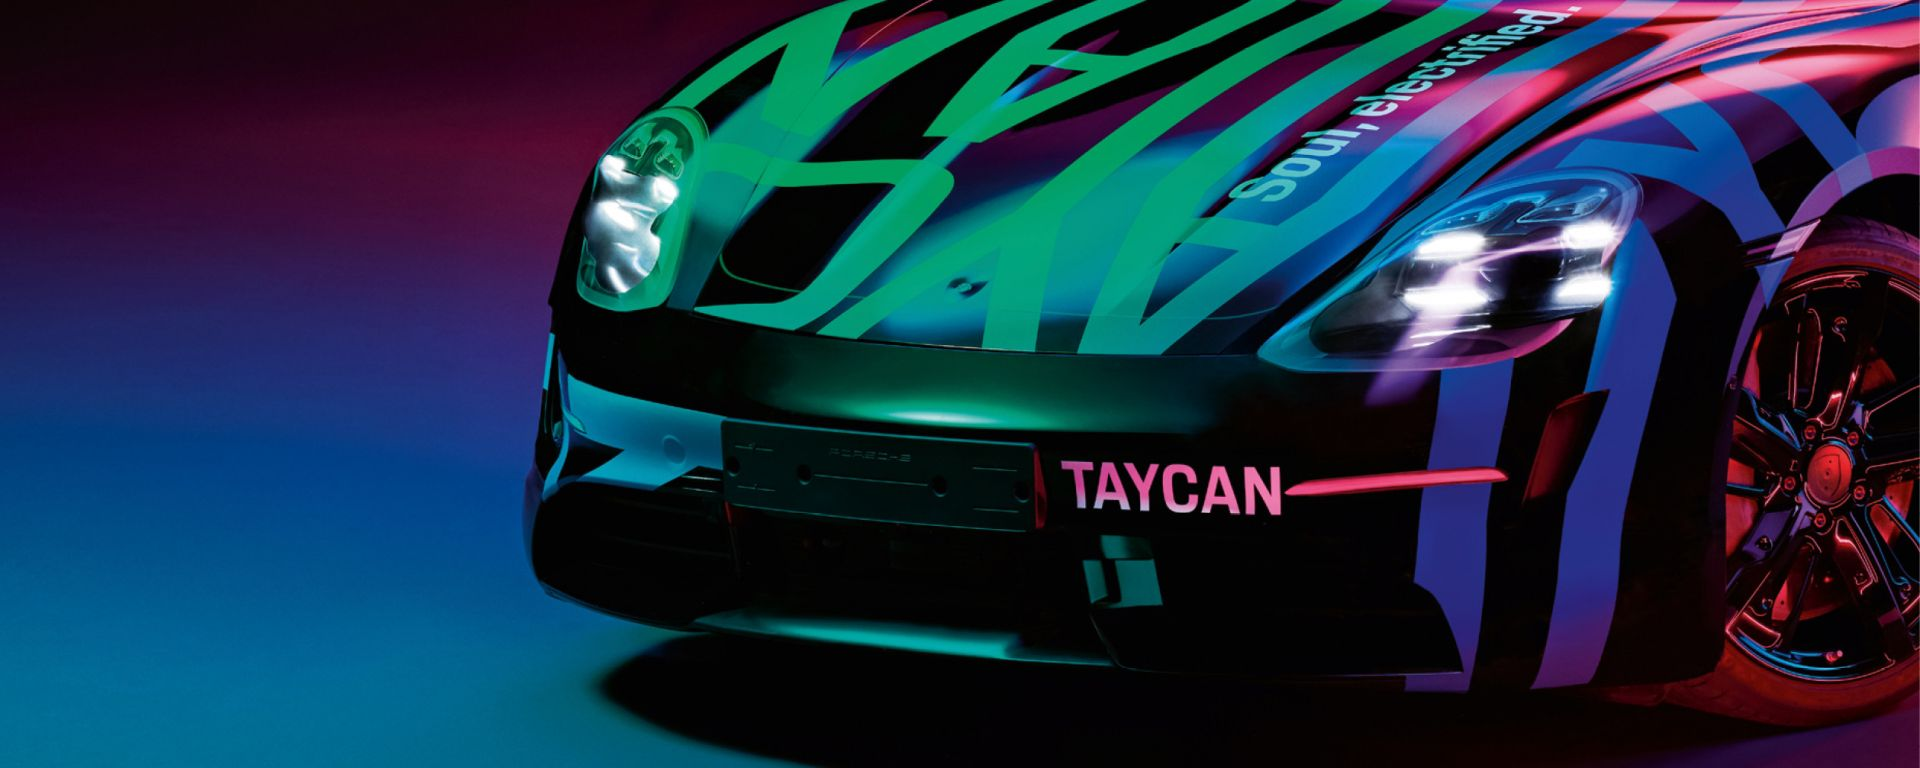 Porsche Taycan: nuove immagini ufficiali